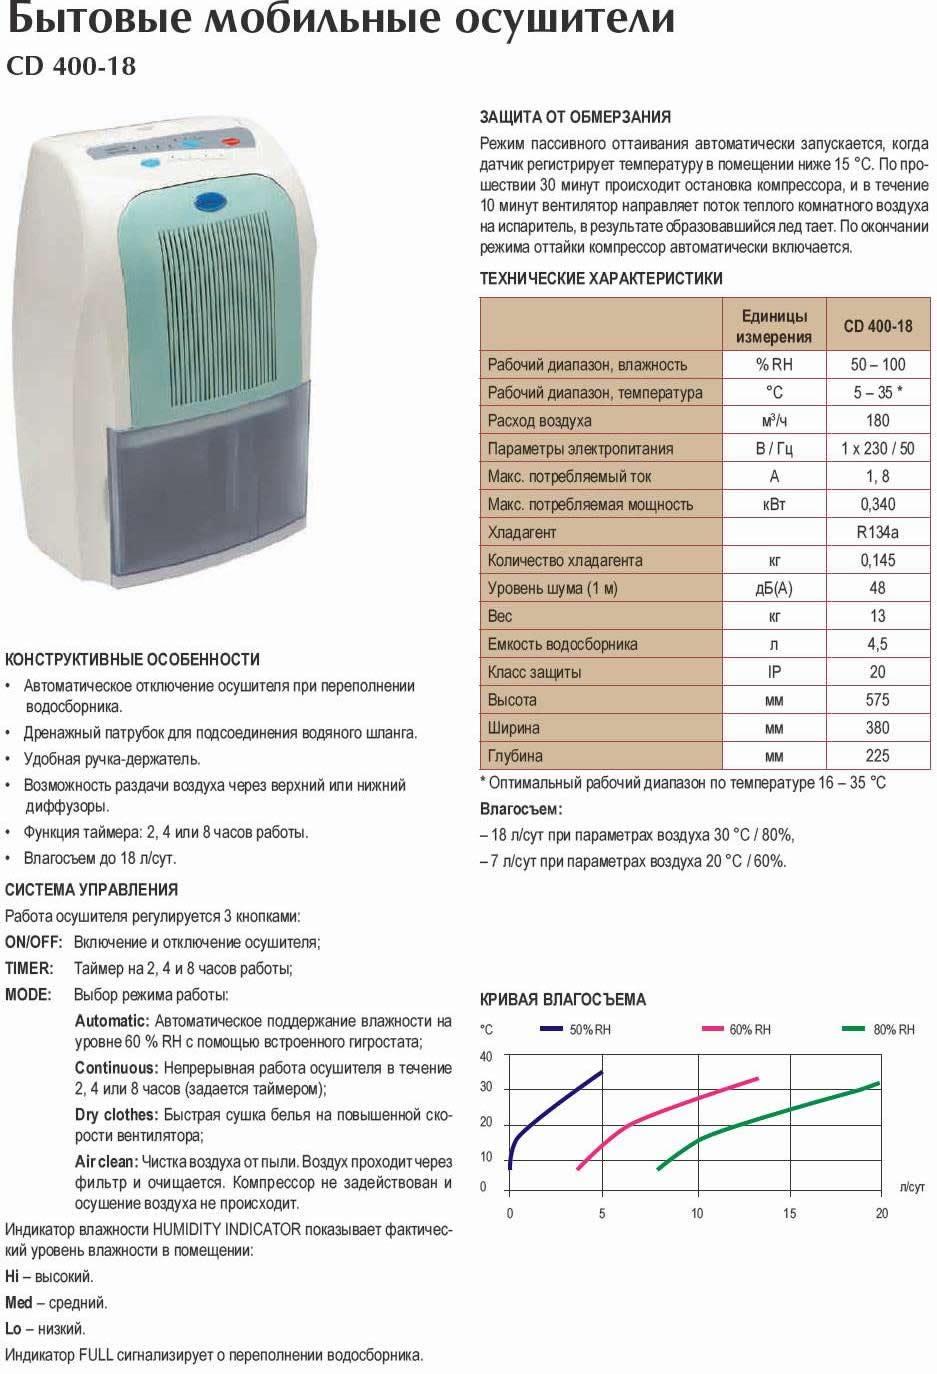 технические характеристики осушителя CD-400-18 dantherm осушитель воздуха. борьба с сыростью на стенах в квартире, в доме